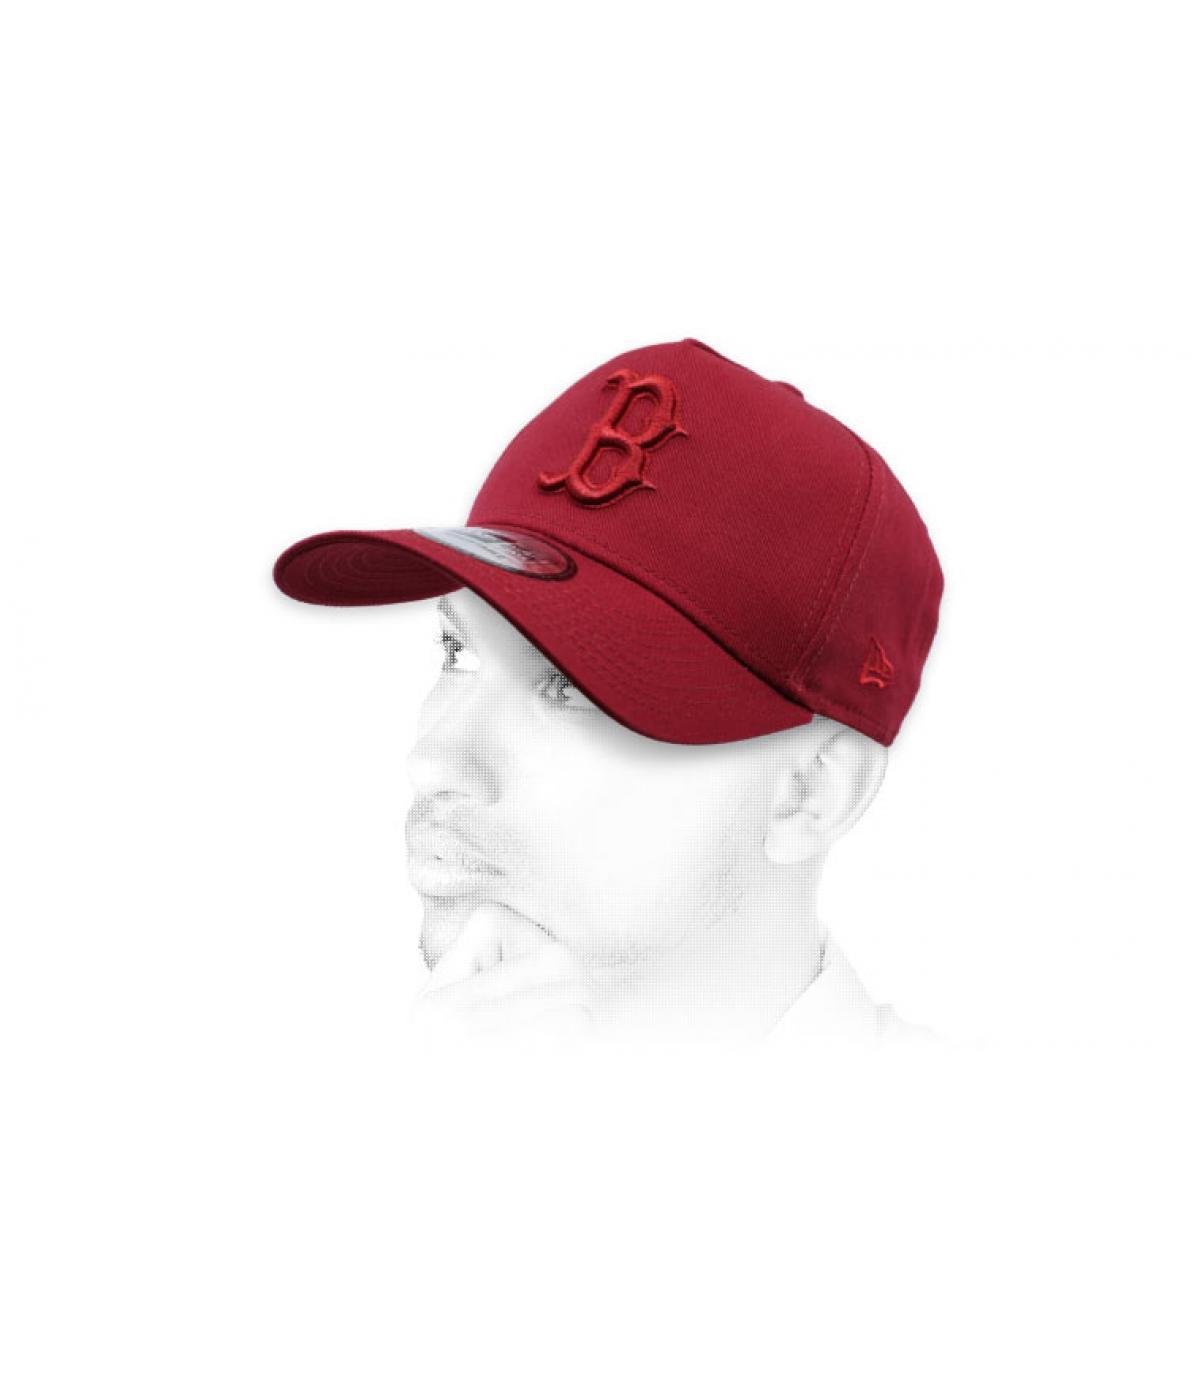 casquette B bordeaux